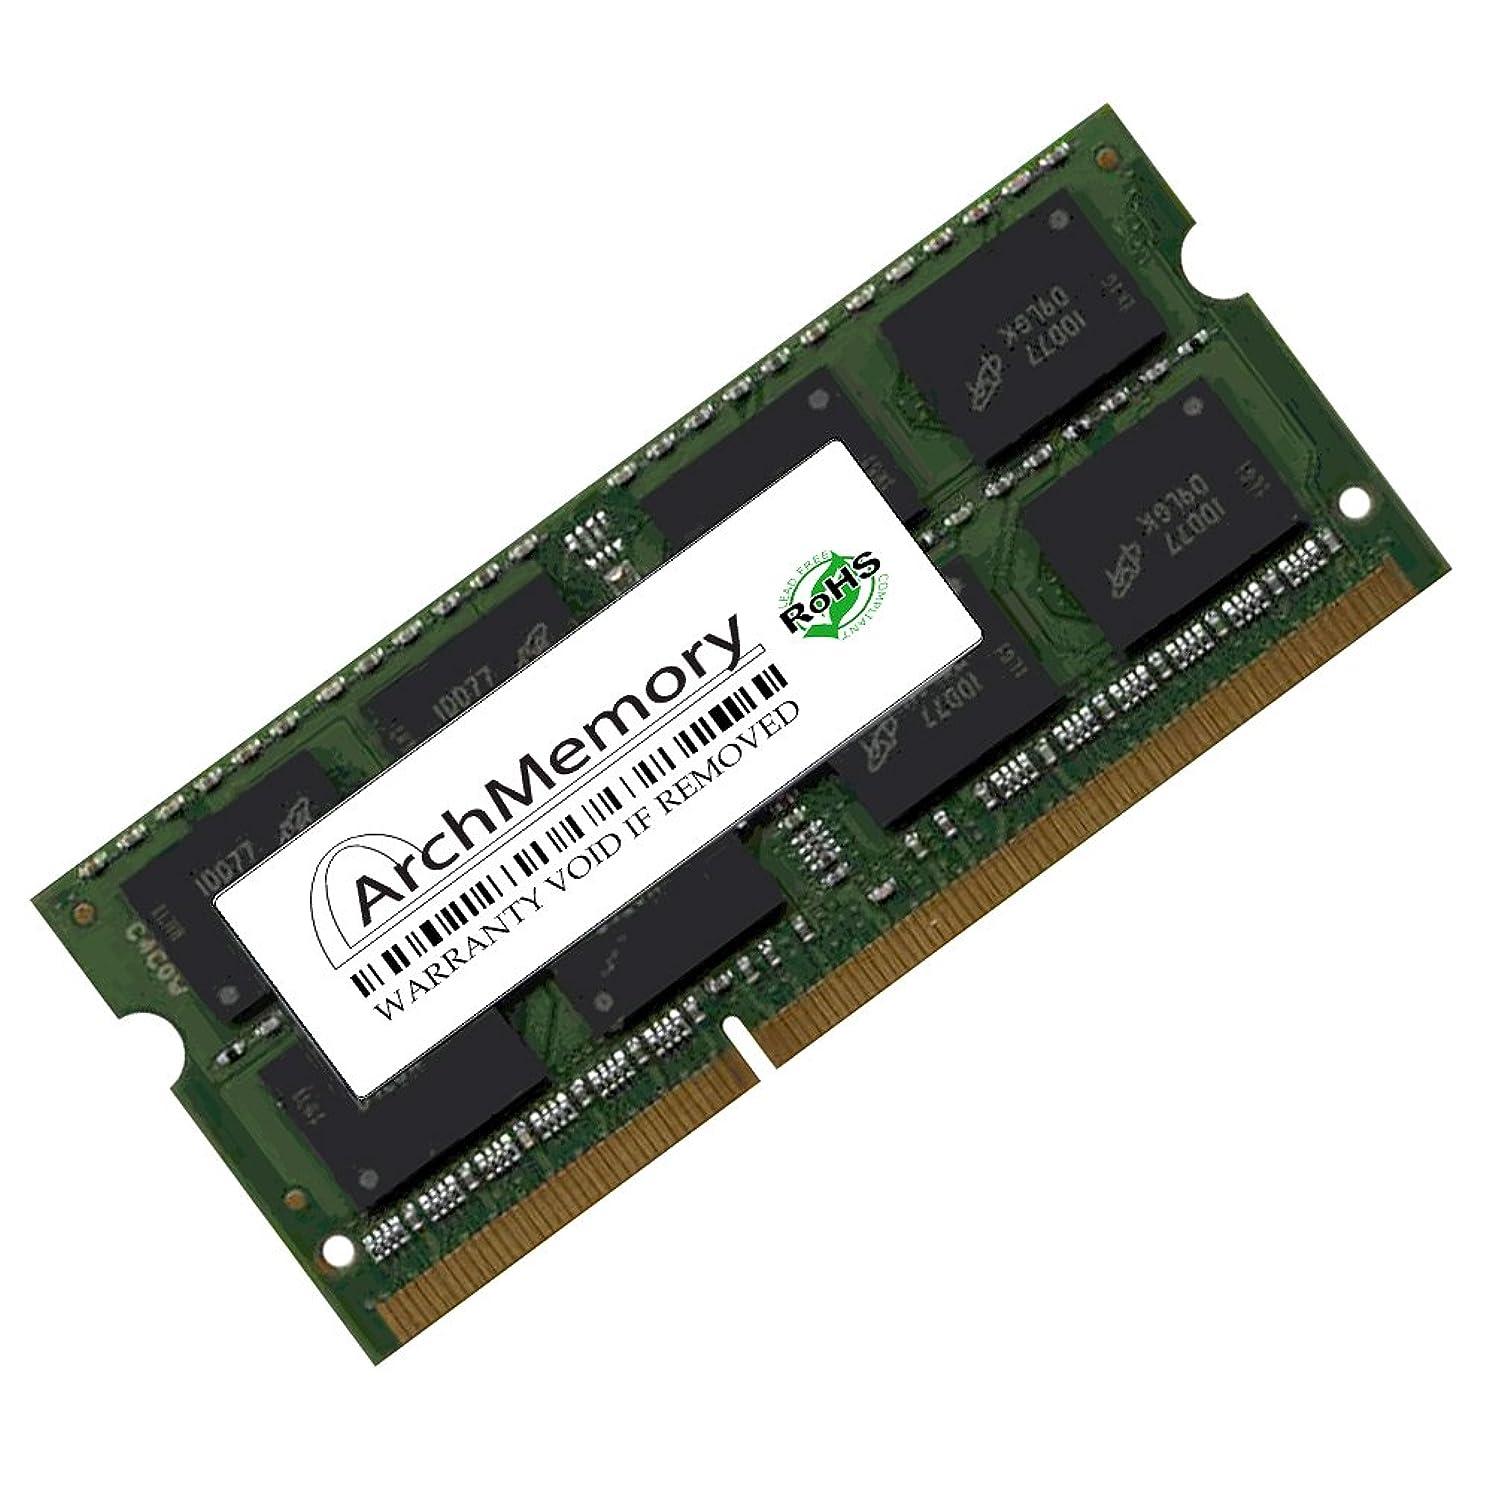 Arch Memory 4GB 204-Pin DDR3 So-dimm RAM for Lenovo ThinkPad W510 438924U